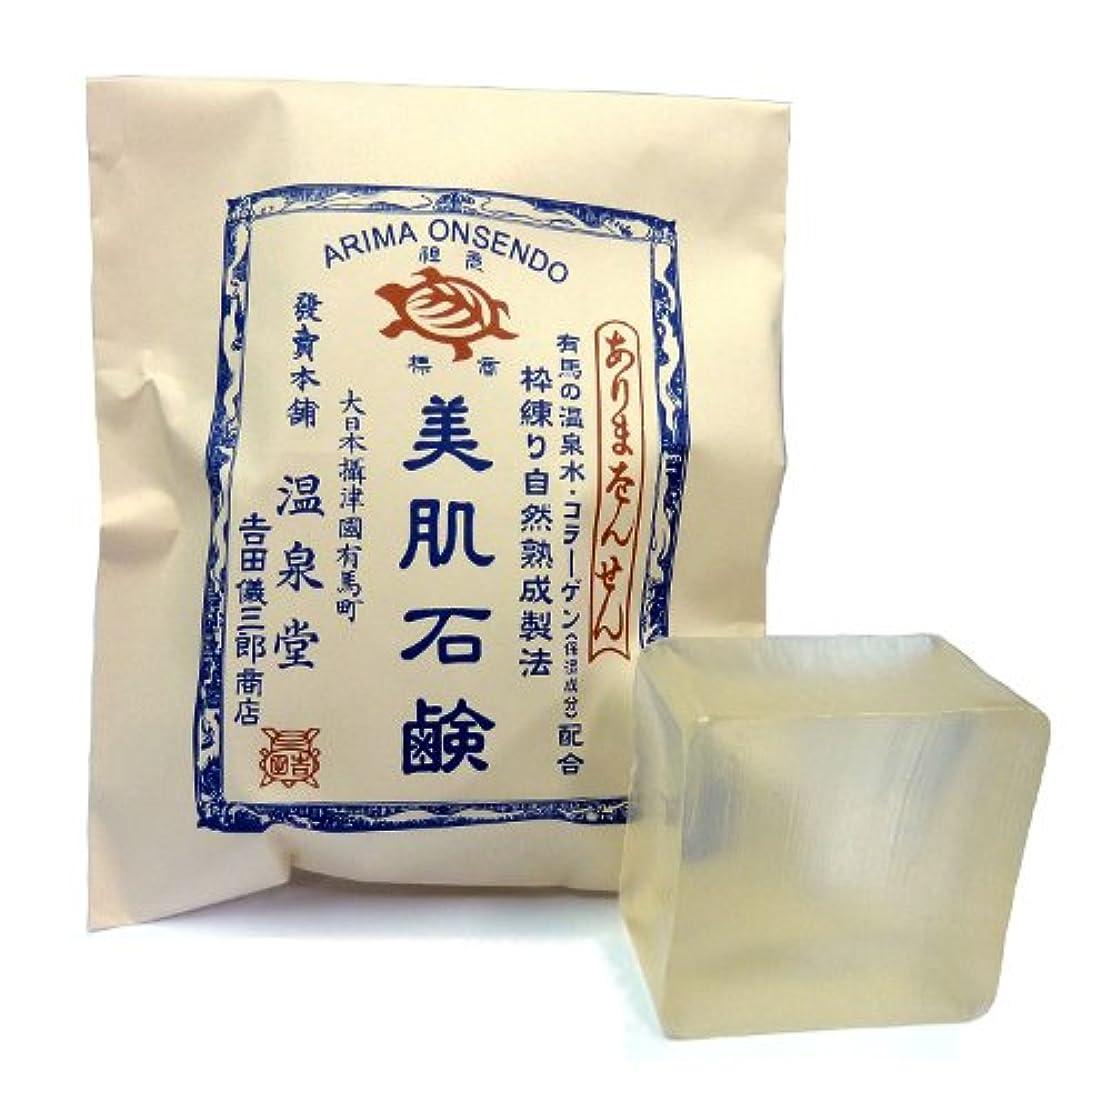 粒子欺く忠誠カメ印 枠練自然熟成製法美肌石鹸